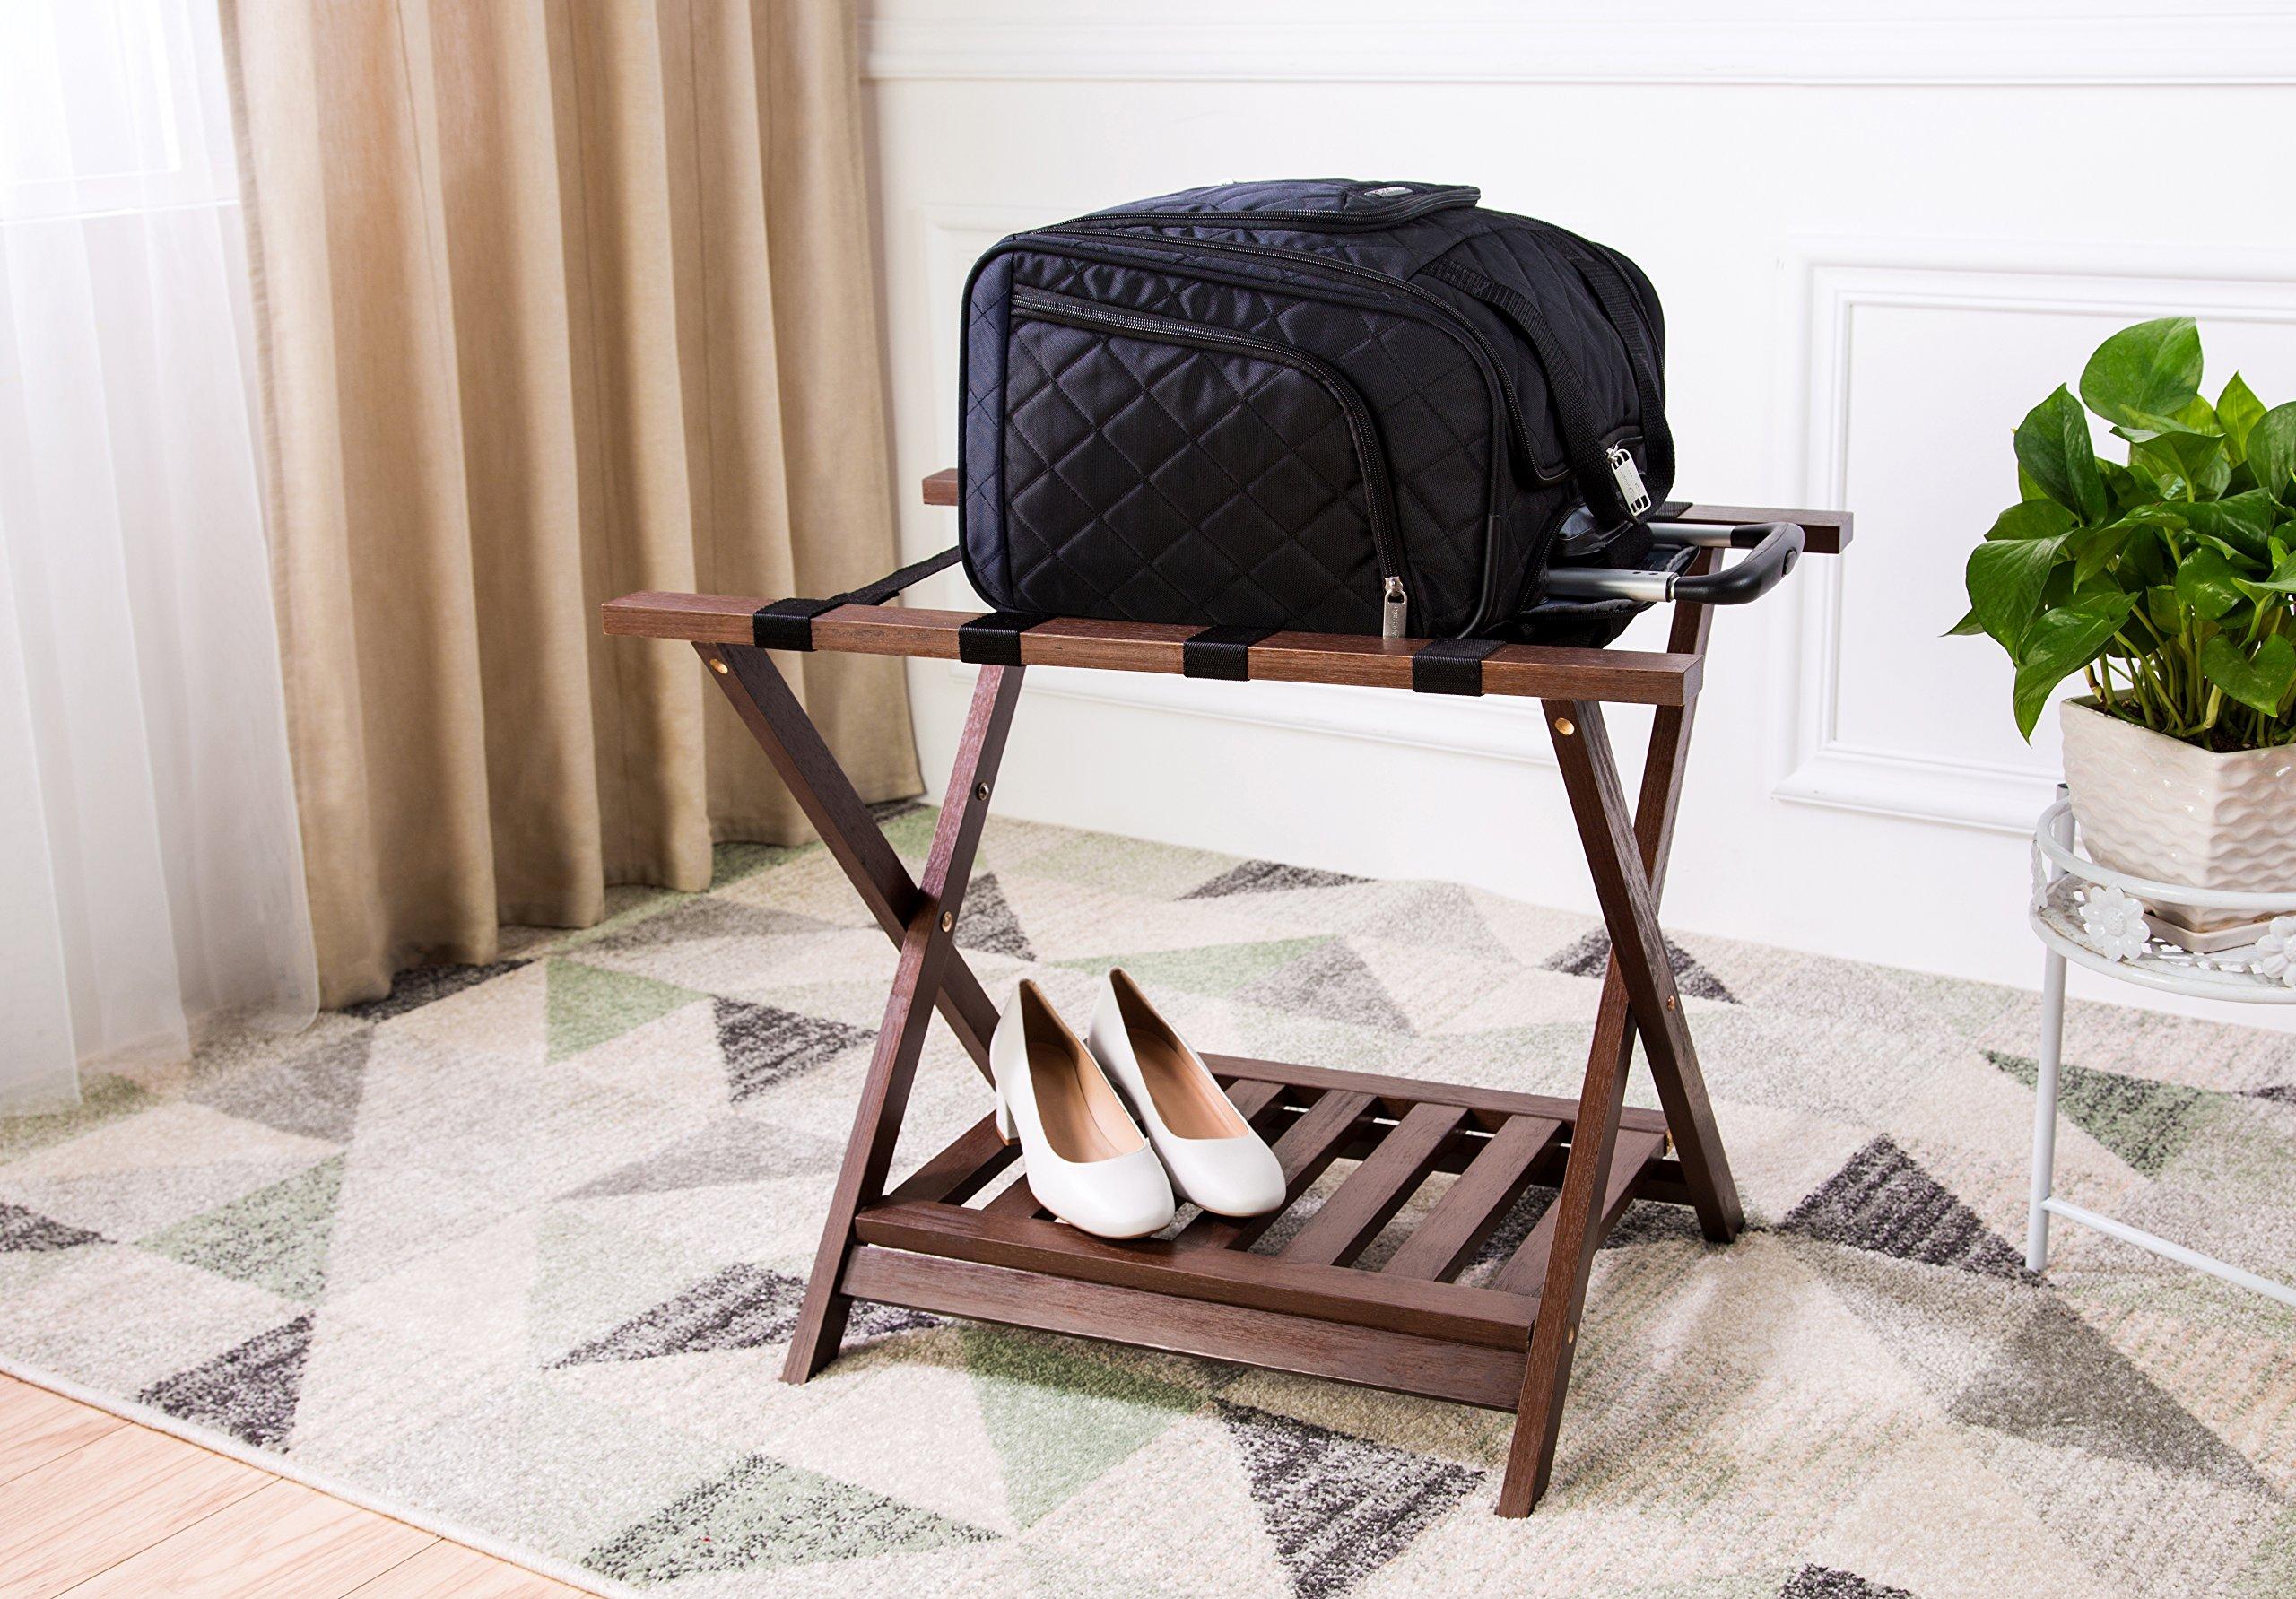 AmazonBasics Luggage Rack with Shelf - Espresso by AmazonBasics (Image #5)